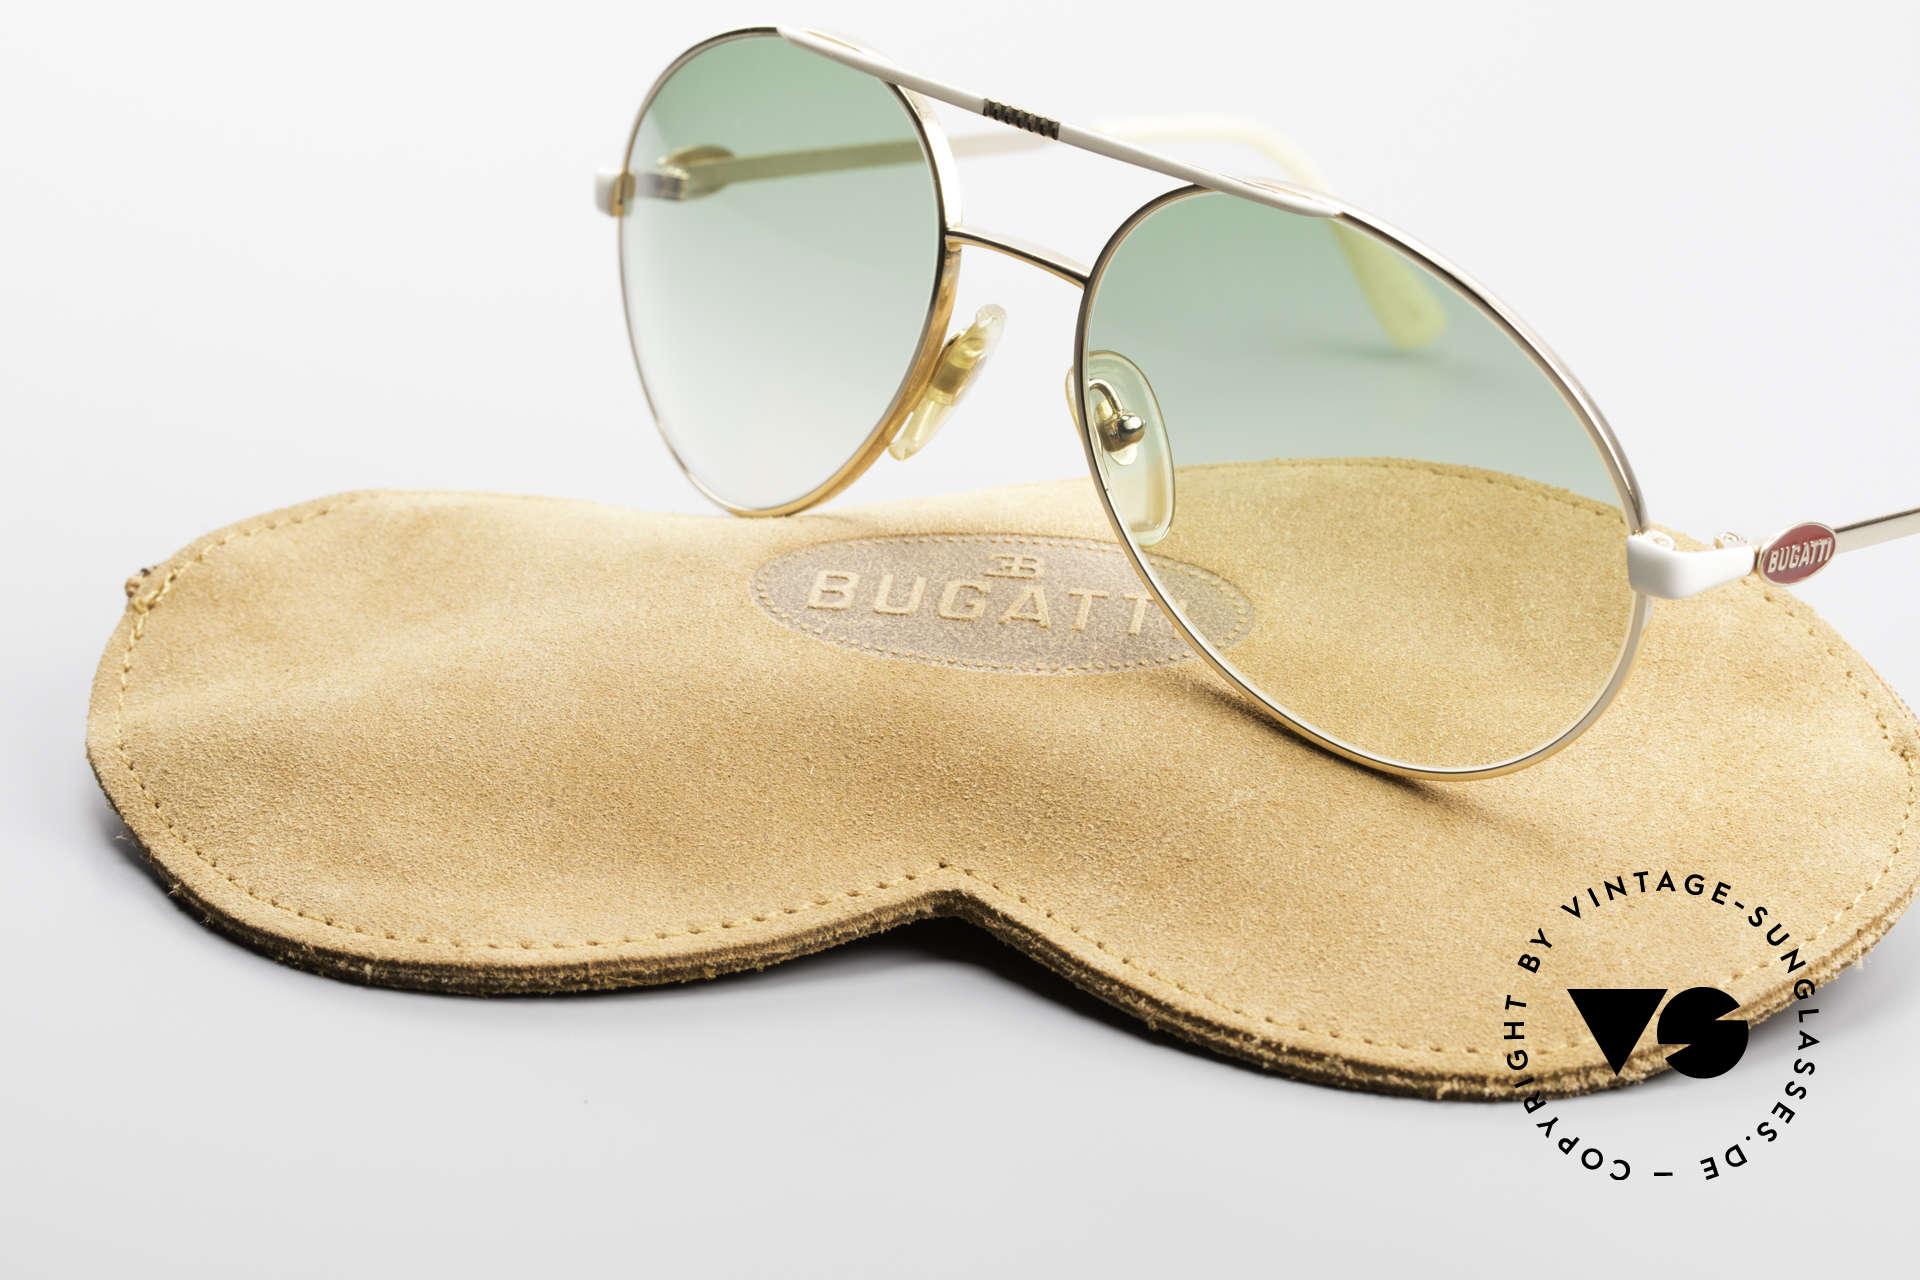 Bugatti 64319 Original 80er Sonnenbrille, Sonnengläser können beliebig ausgetauscht werden, Passend für Herren